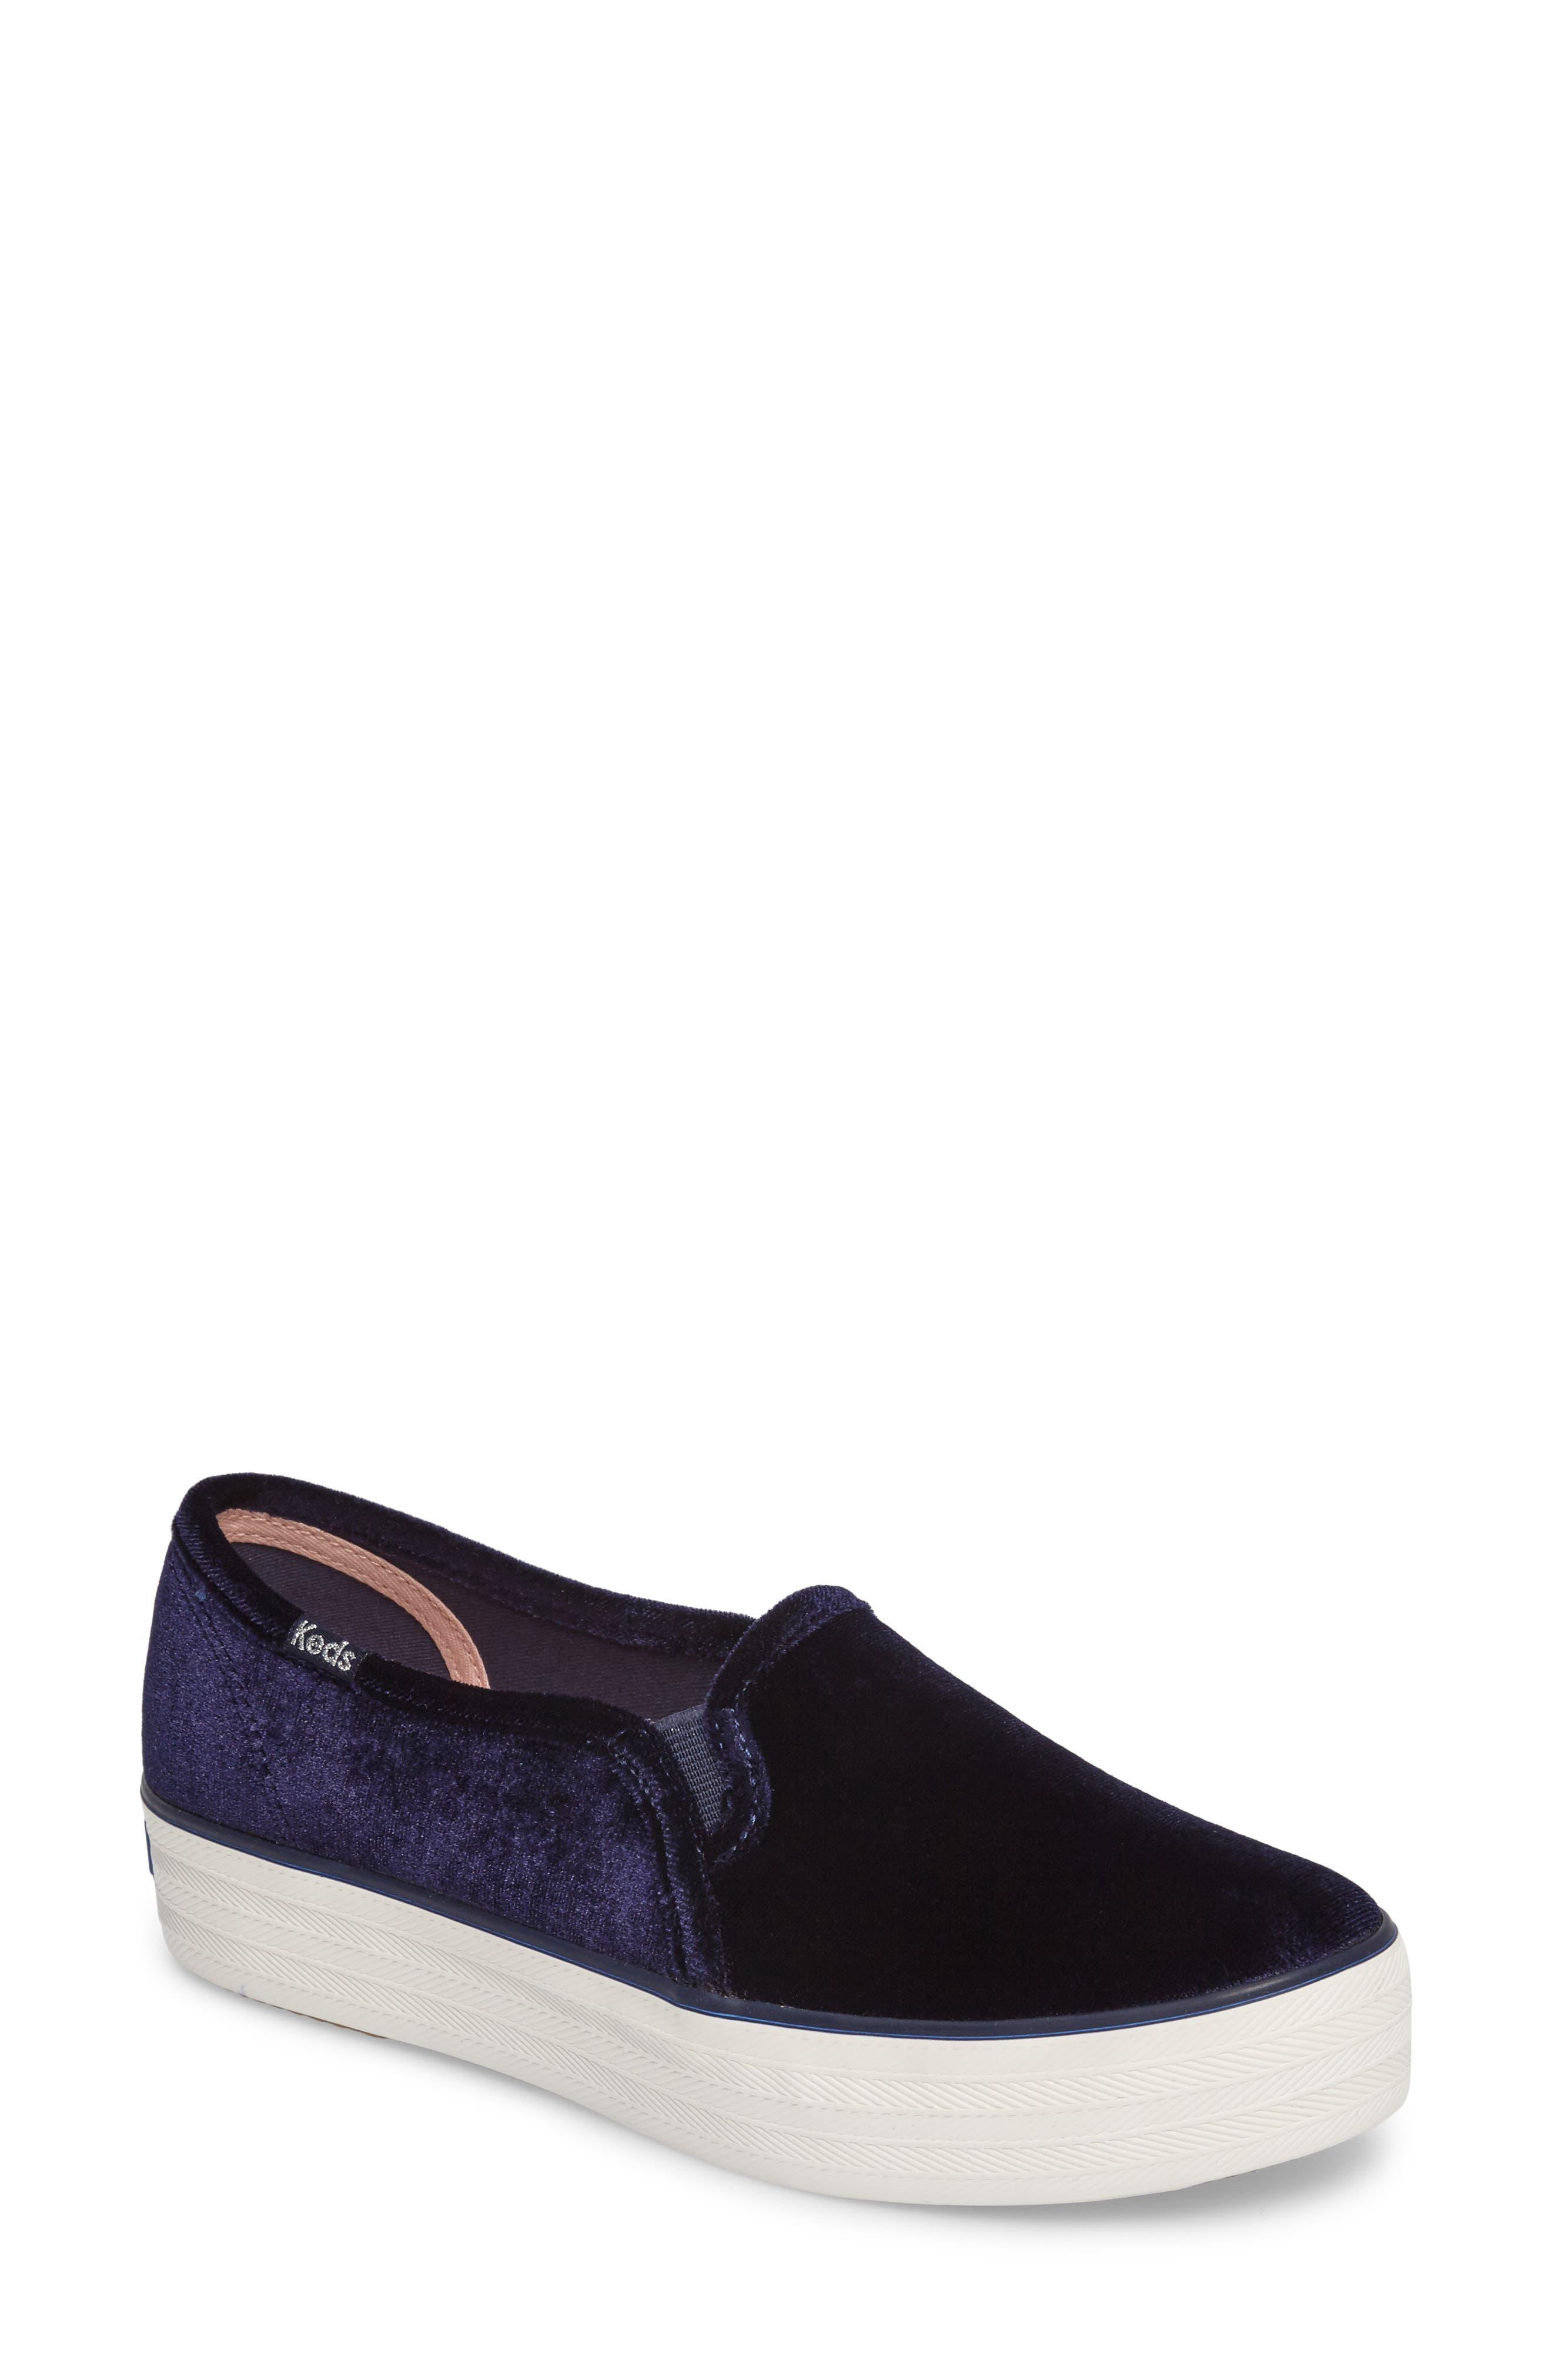 Triple Decker Slip-On Platform Sneaker,                         Main,                         color, Navy Velvet